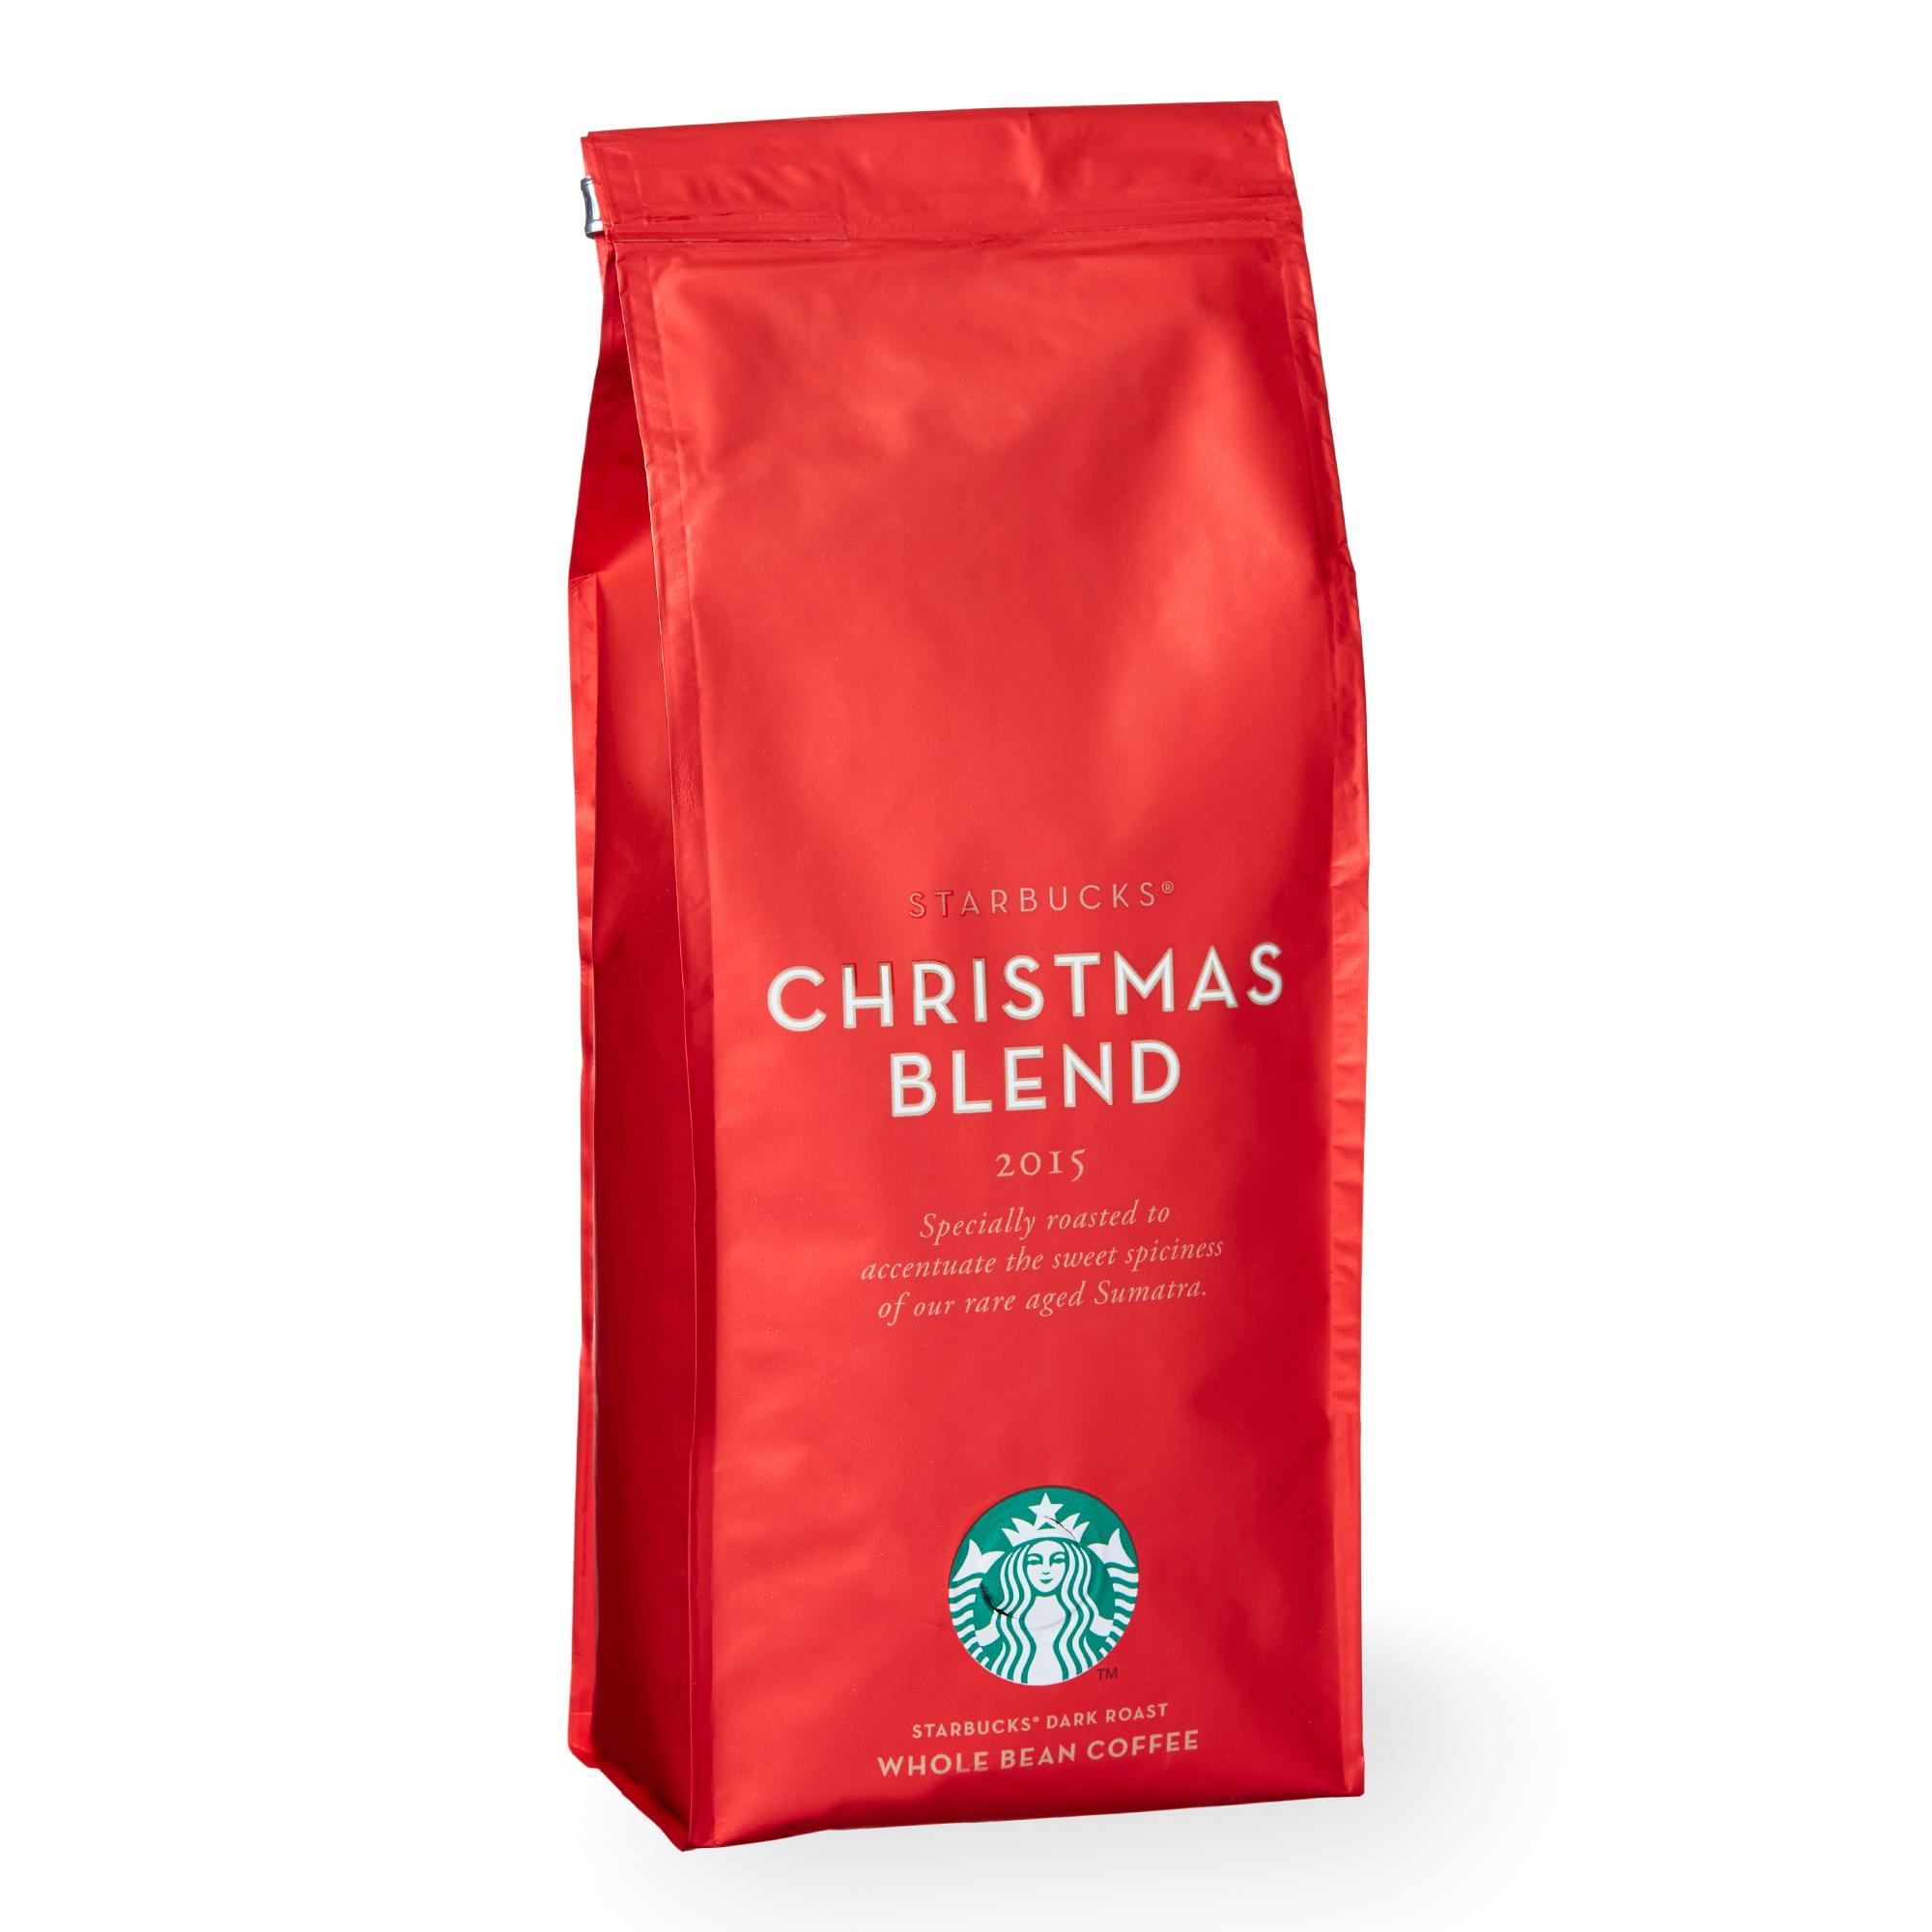 Starbucks Christmas Blend 2015